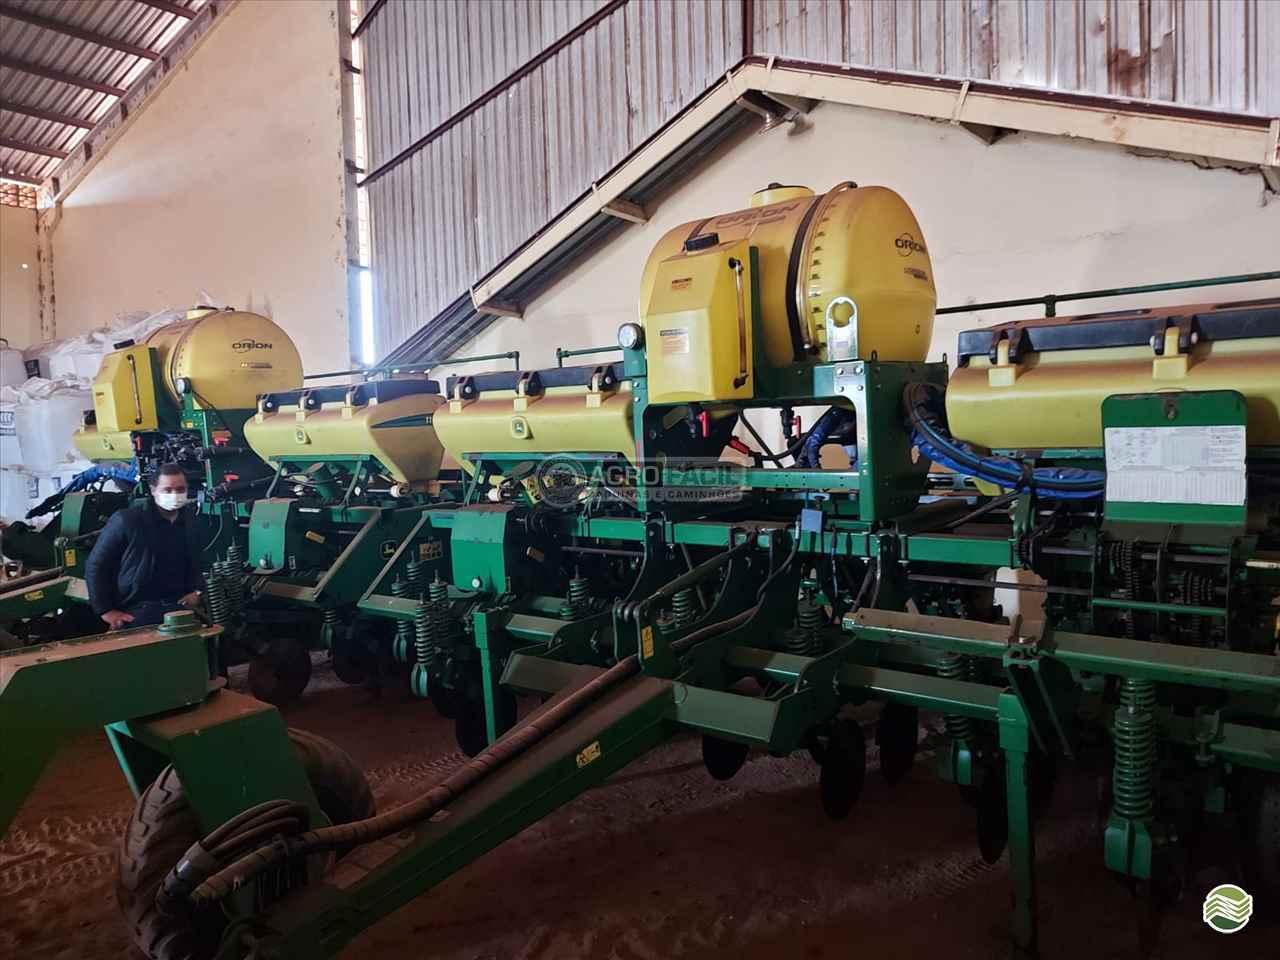 PLANTADEIRA JOHN DEERE PLANTADEIRAS 1111 Agro Fácil Máquinas PRIMAVERA DO LESTE MATO GROSSO MT